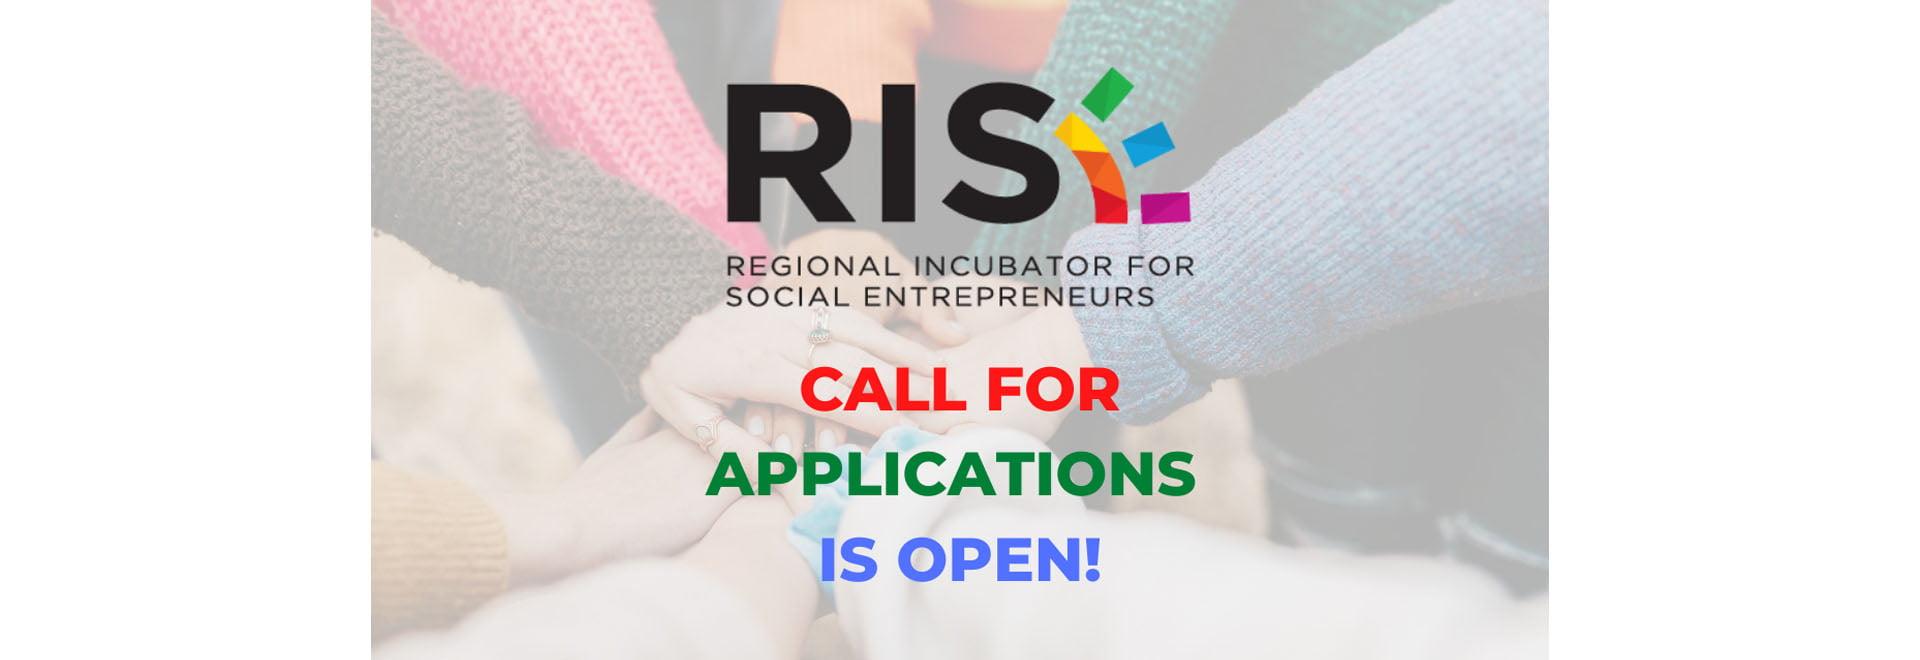 Rise journey: thirrje e hapur për aplikim dhe mundsi për zhvillimin e bizneseve të gjelbërta dhe sociale image